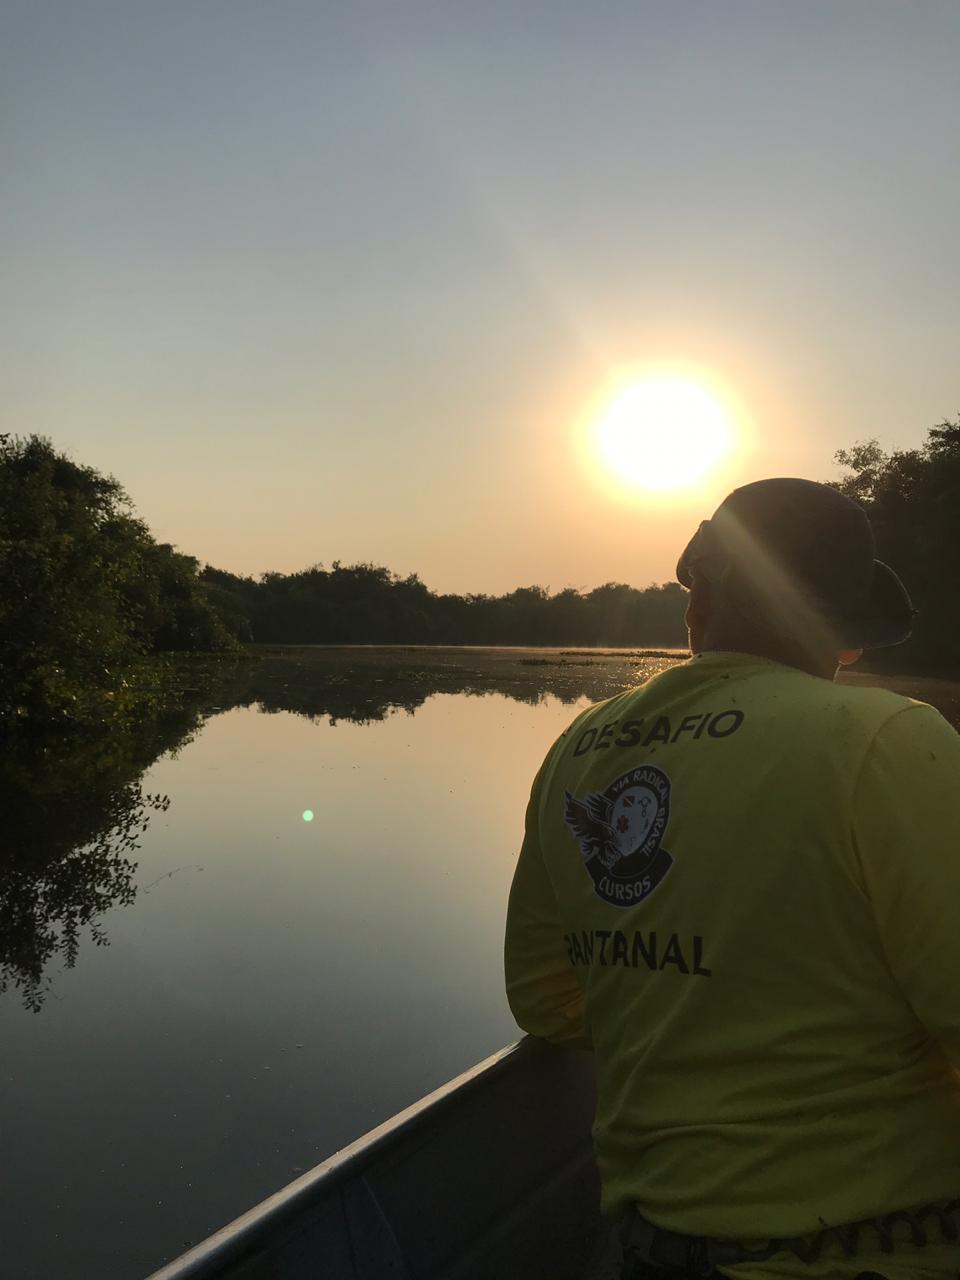 desafio_pantanal_2019 (350)